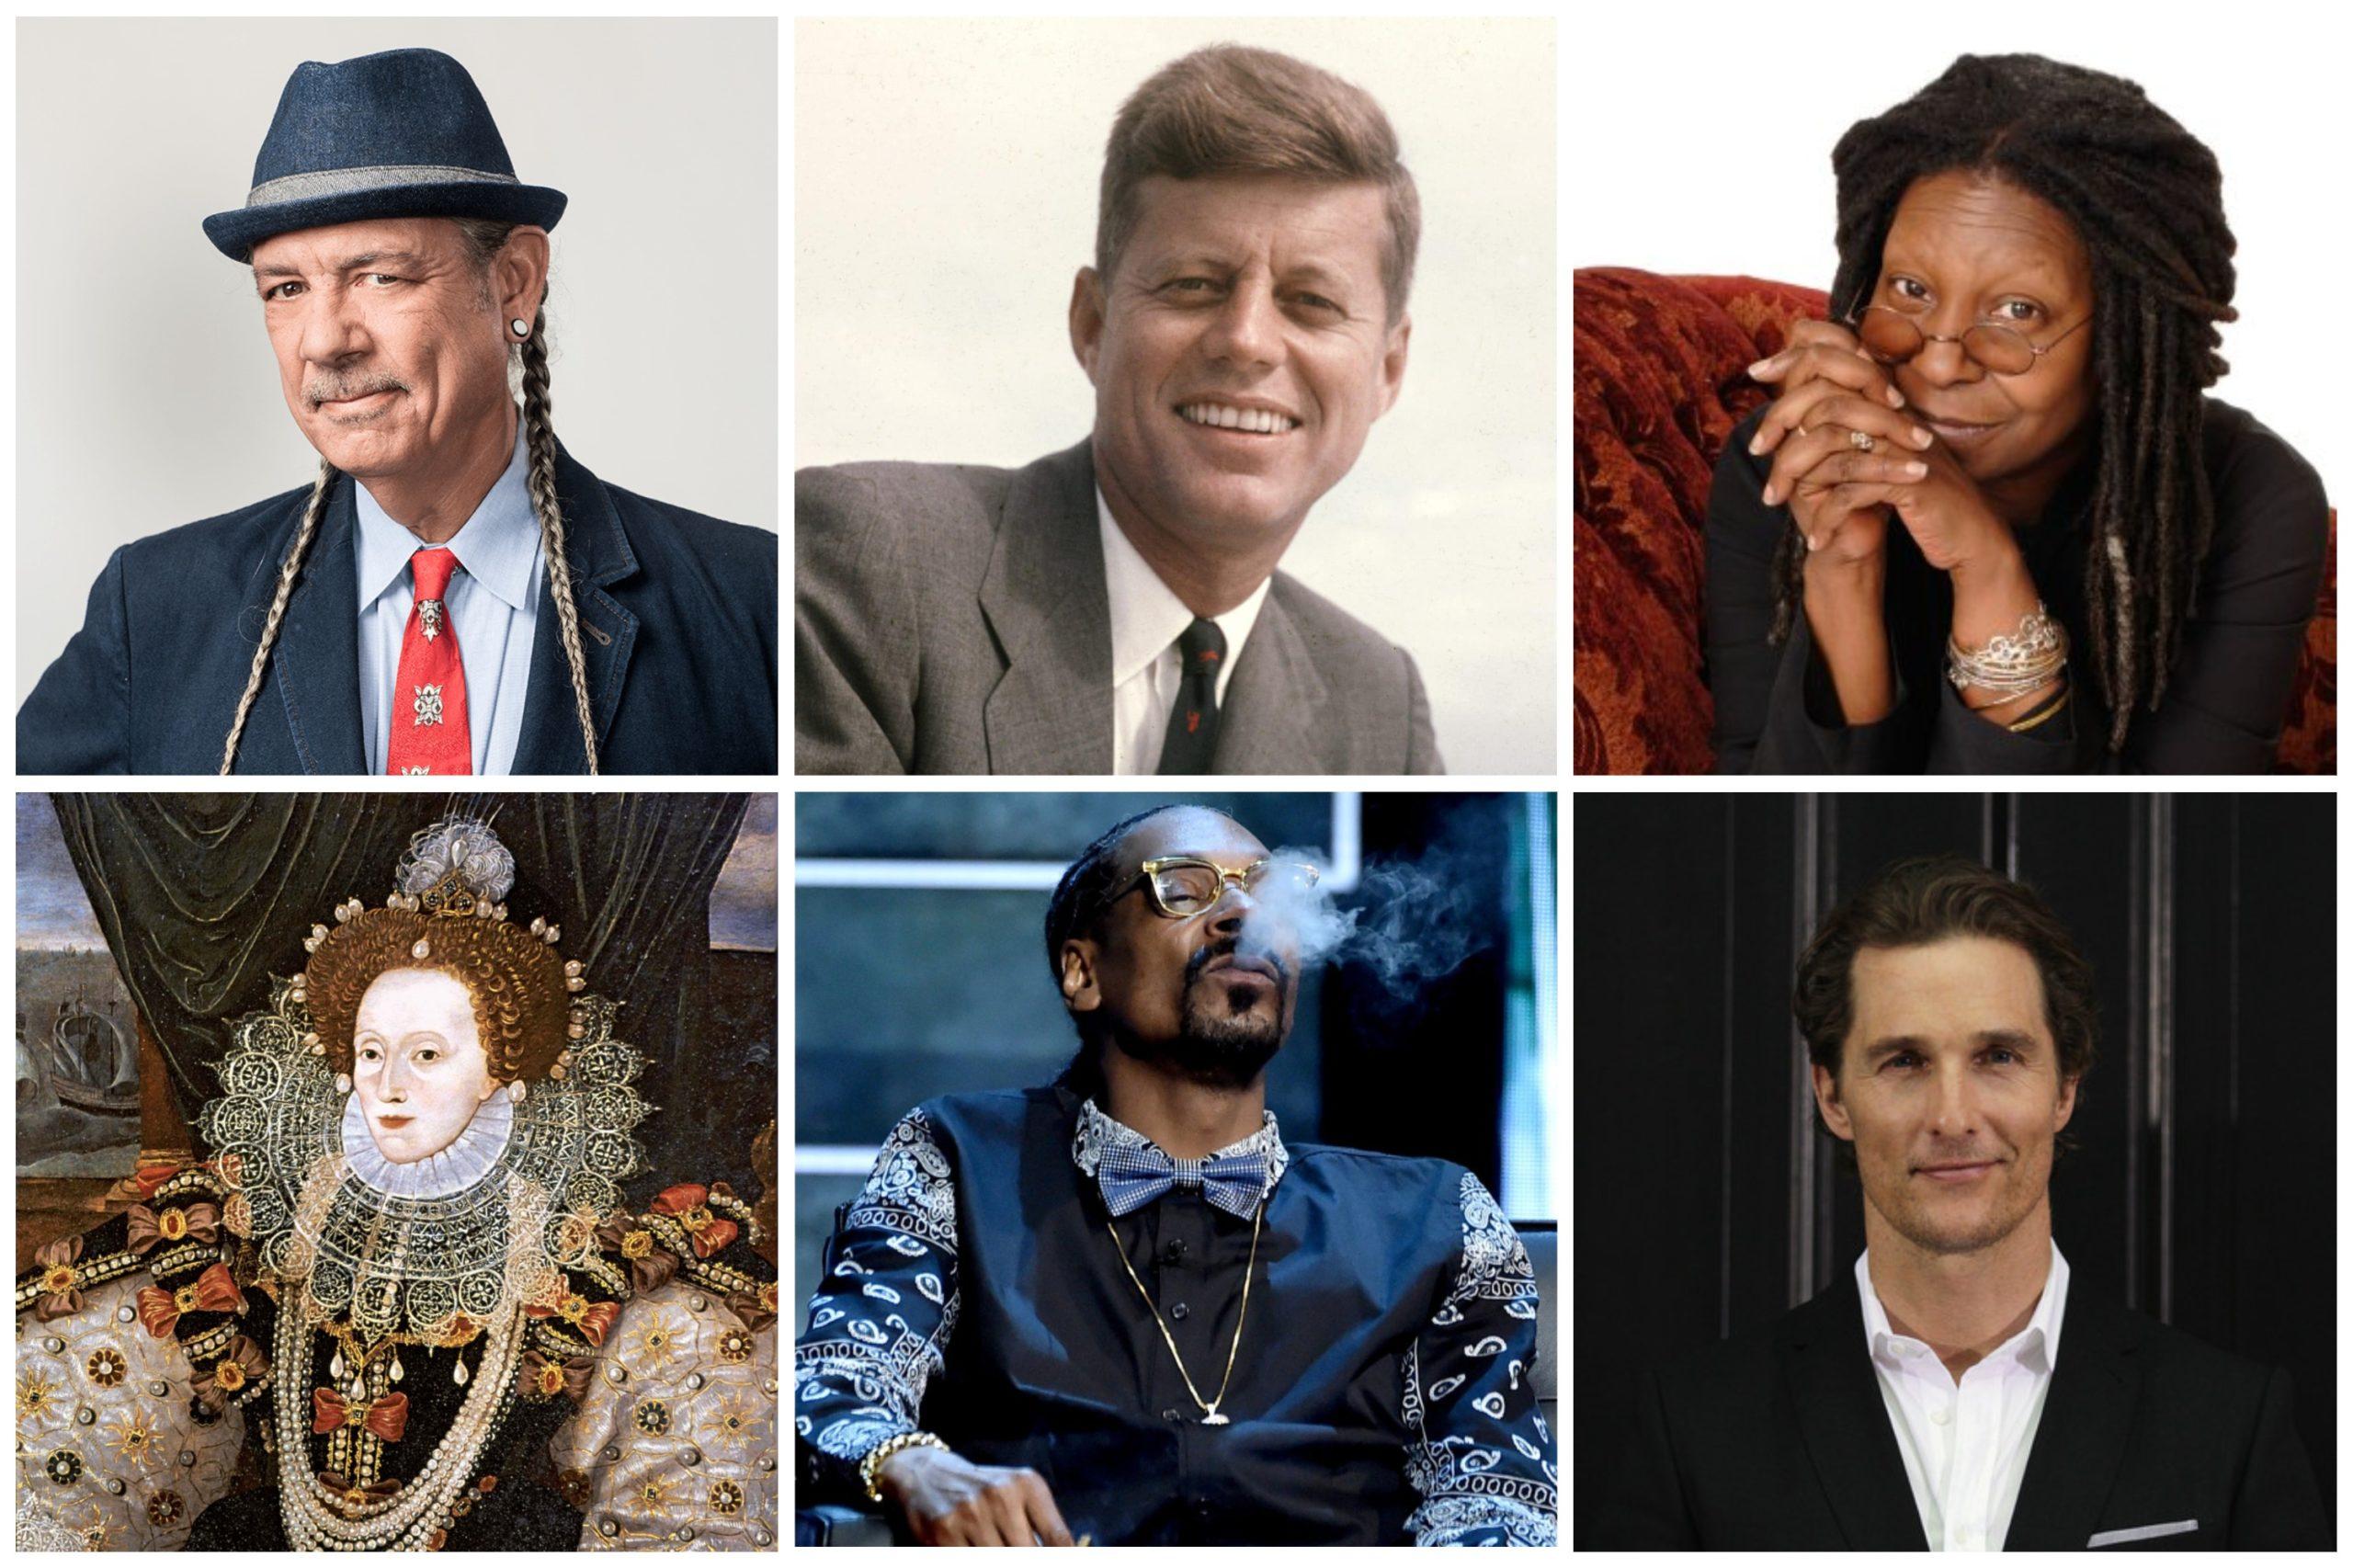 Famous Potheads